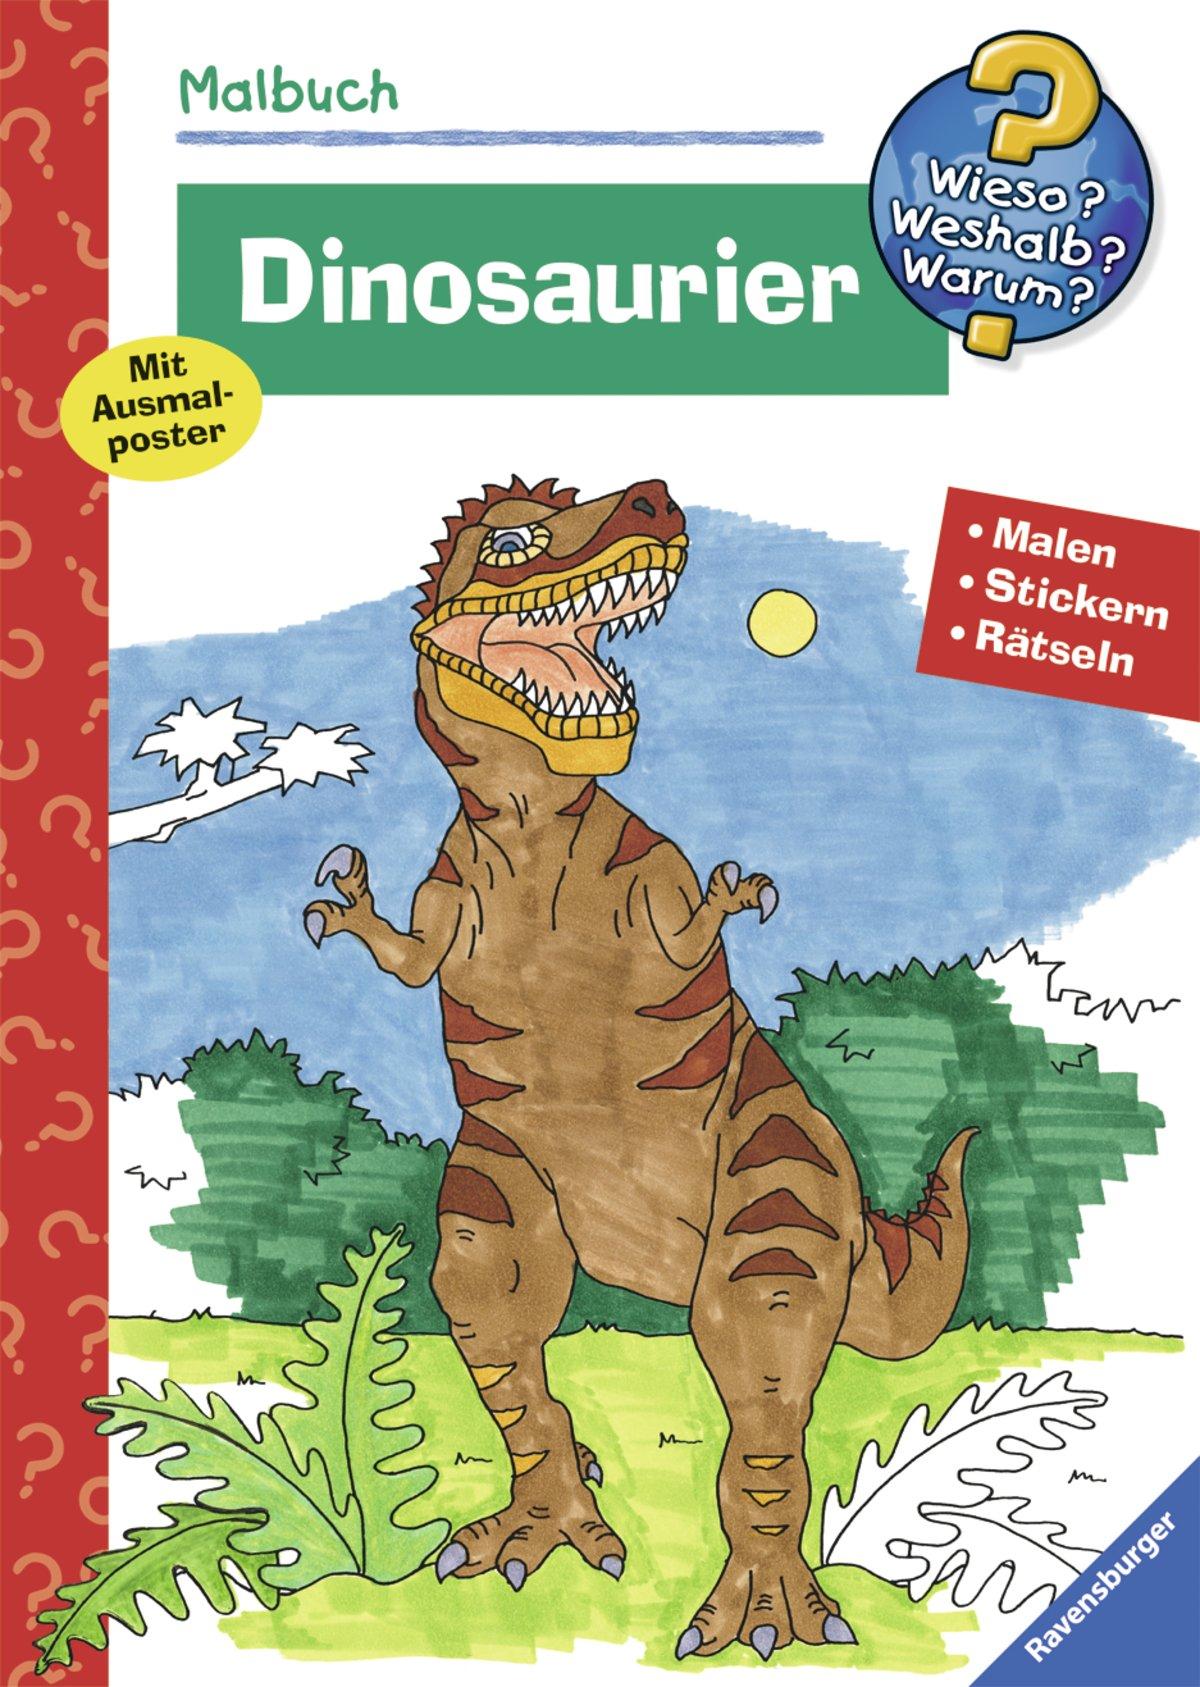 Dinosaurier (Wieso? Weshalb? Warum? Malbuch) (Wieso? Weshalb? Warum? Malen, spielen und rätseln)